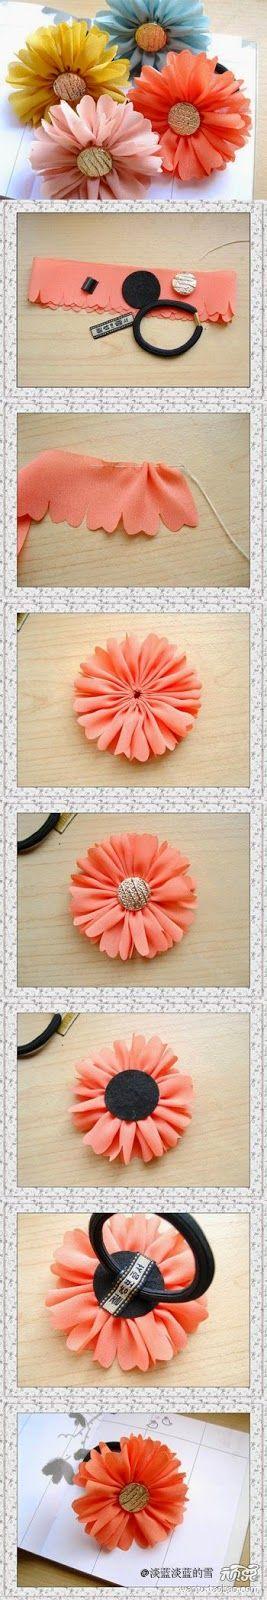 Minha Casinha Rosa: Faça enfeite para cabelo com flores de tecido.